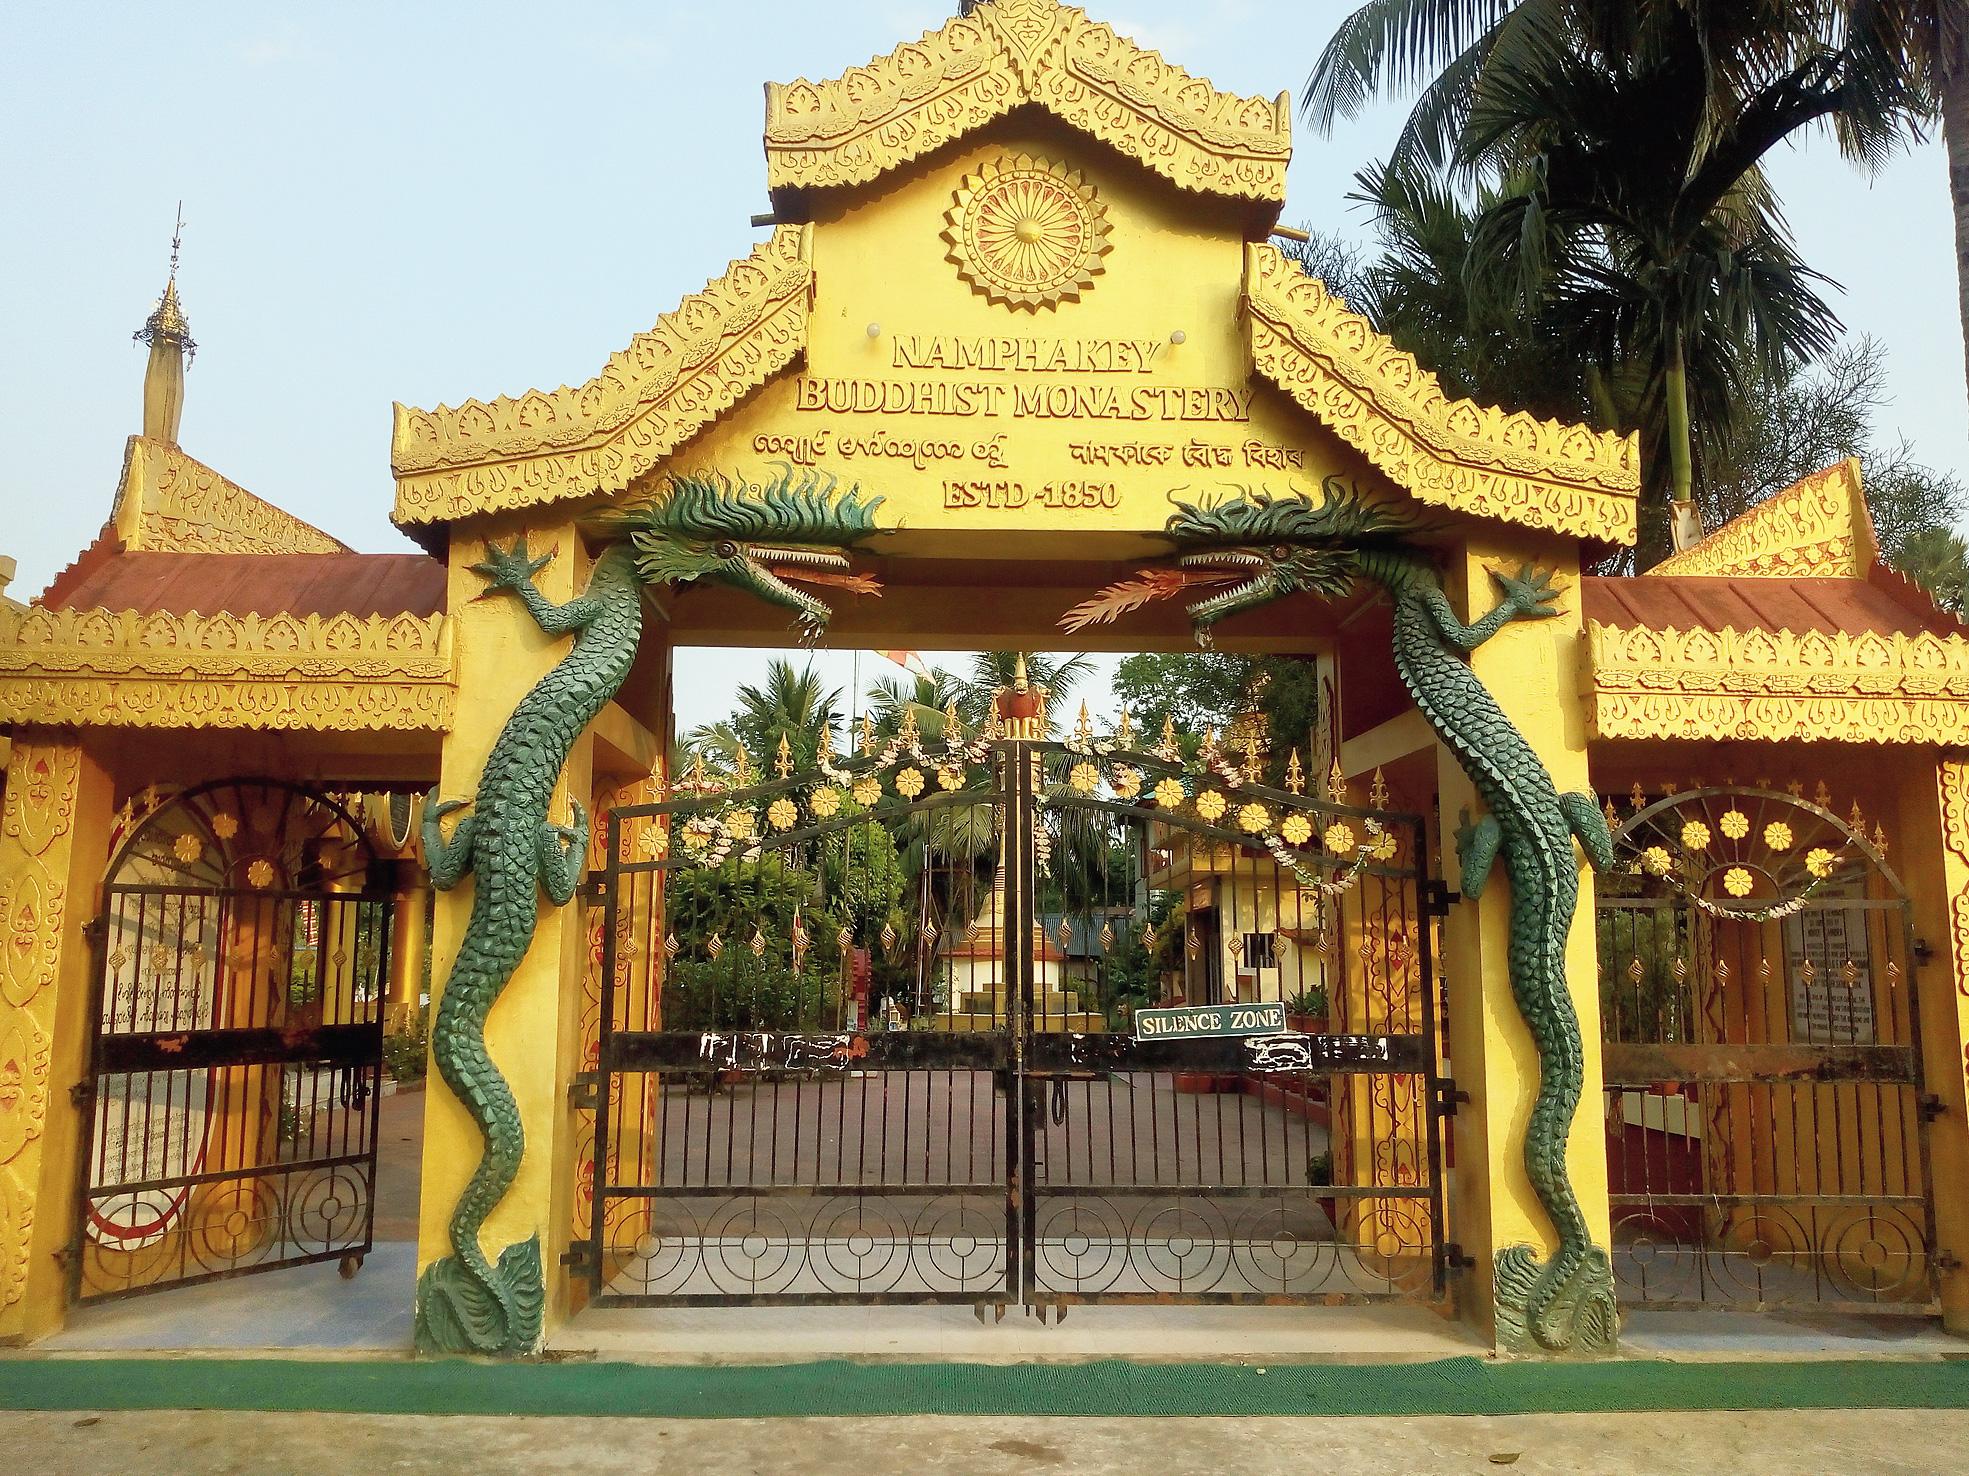 The monastery at Namphake.